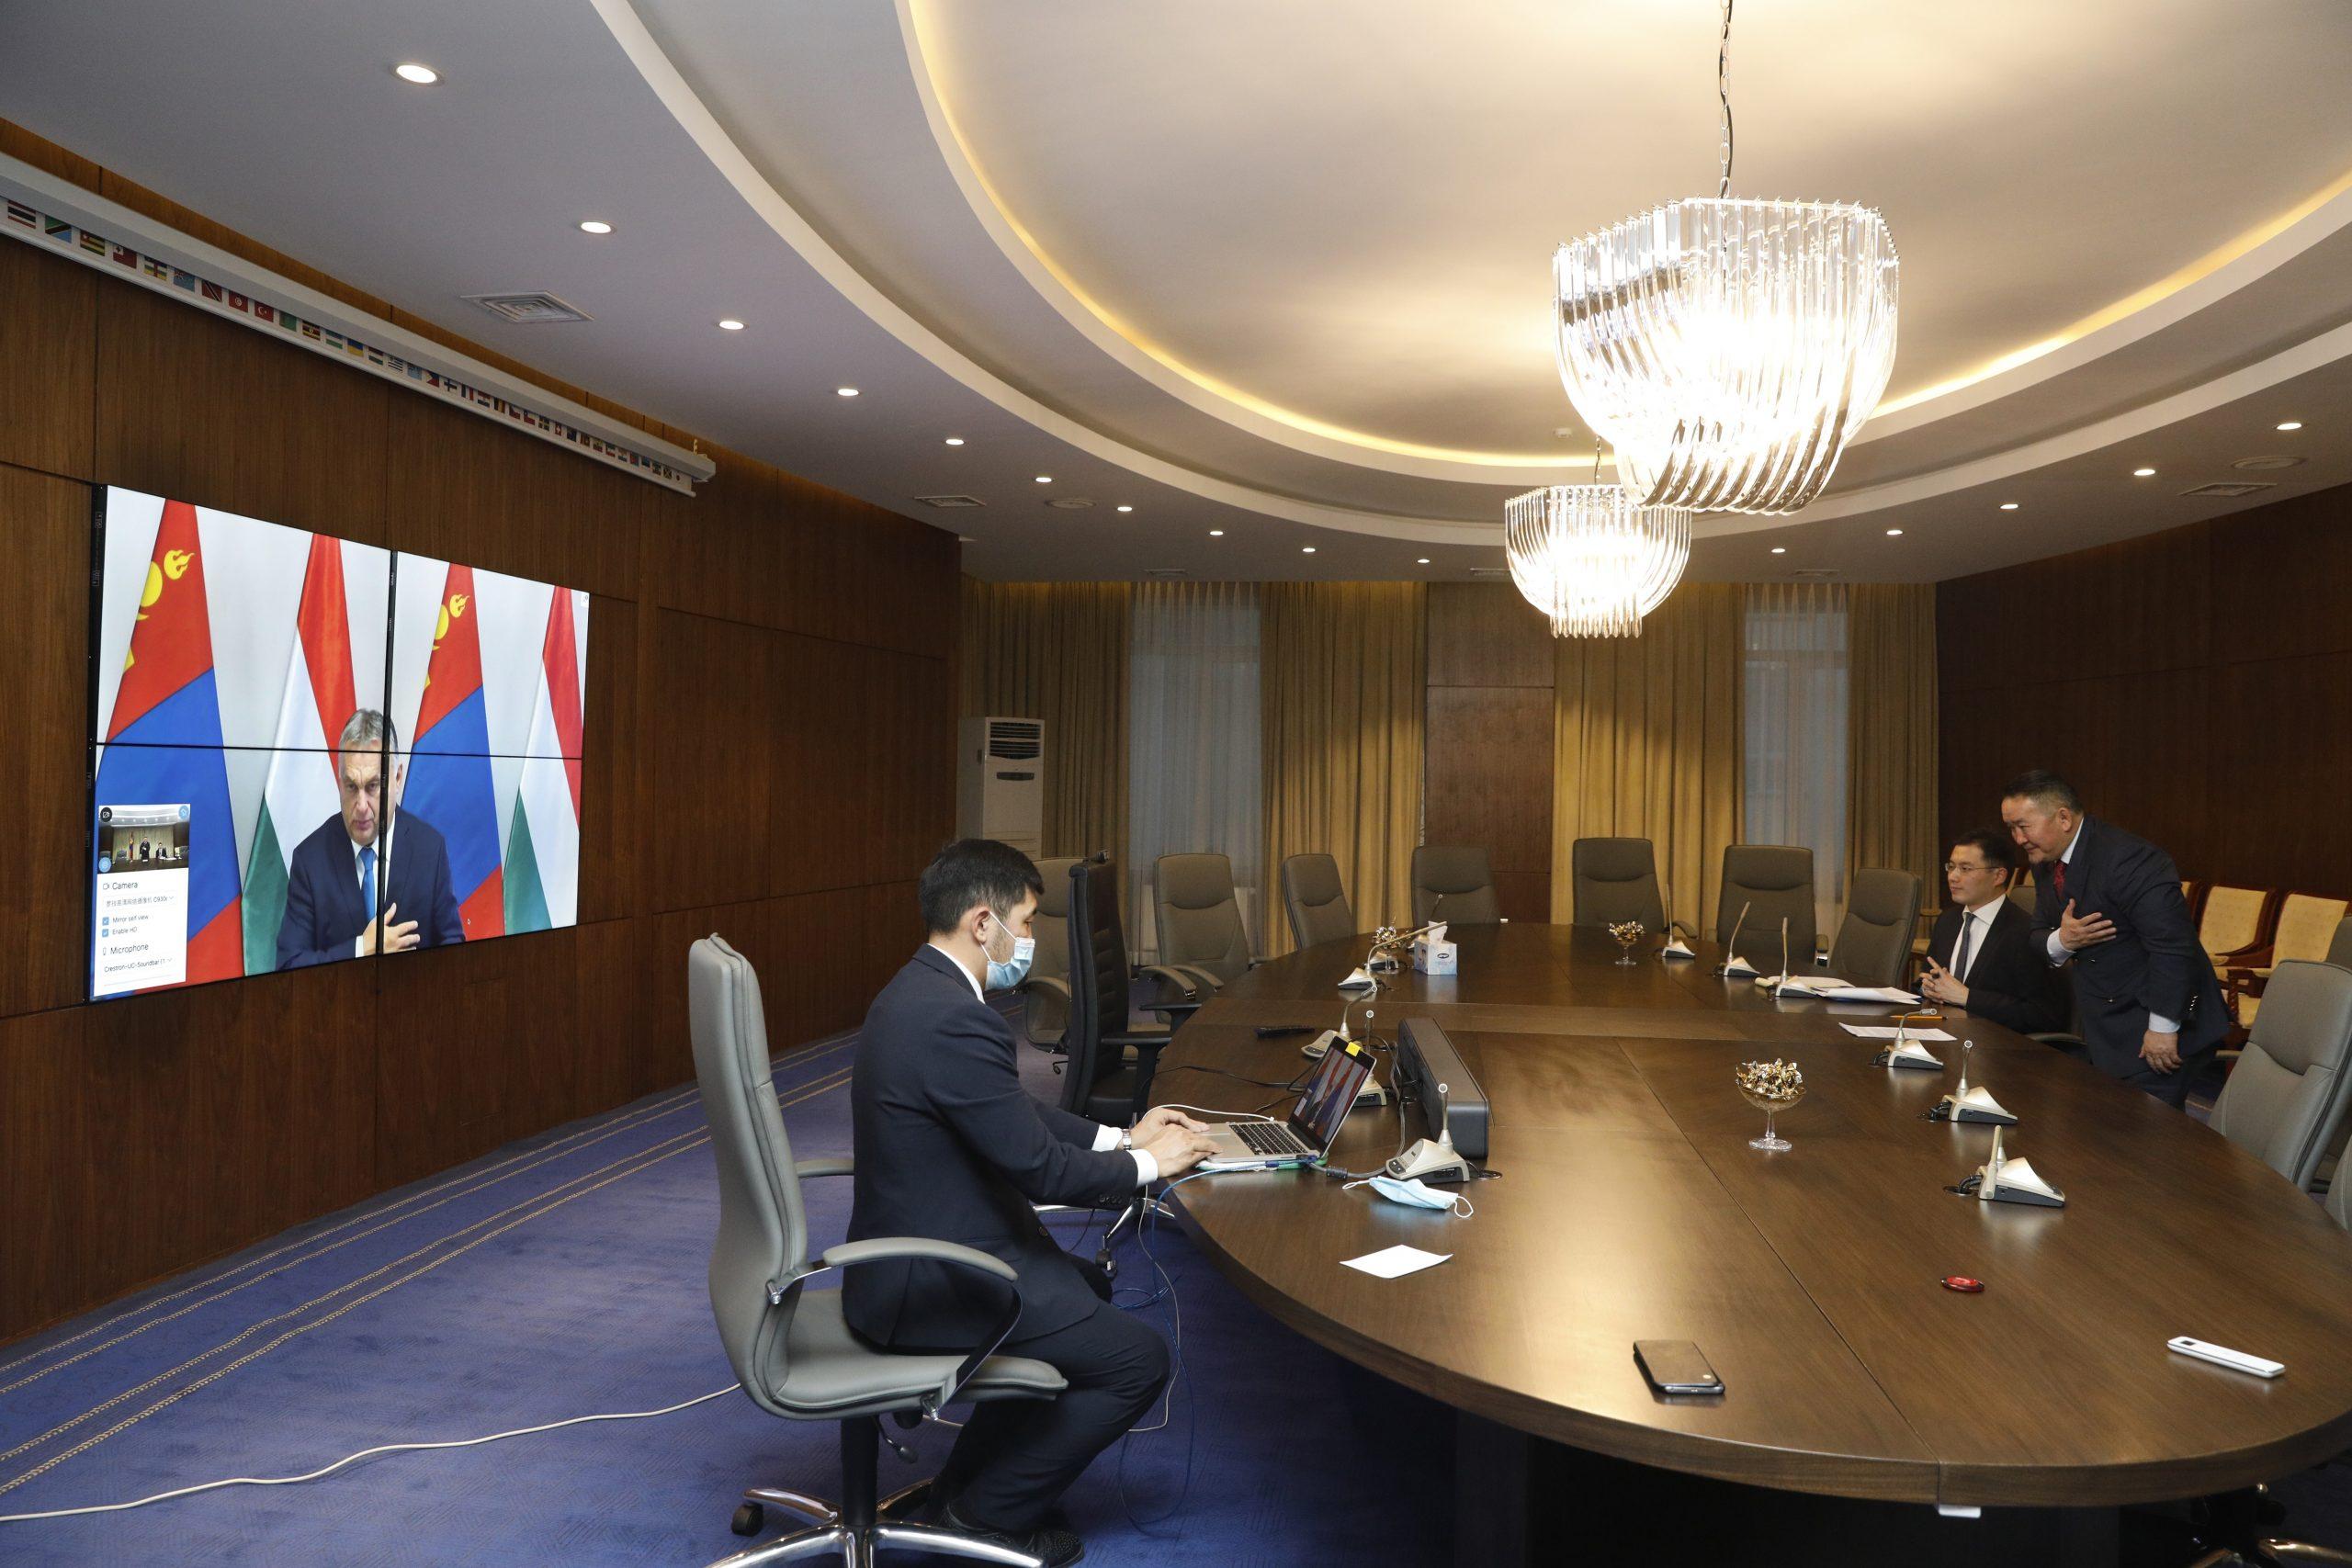 Монгол Улсын Ерөнхийлөгч Х.Баттулга Унгар улсын Ерөнхий сайд Виктор Орбантай цахим уулзалт хийлээ